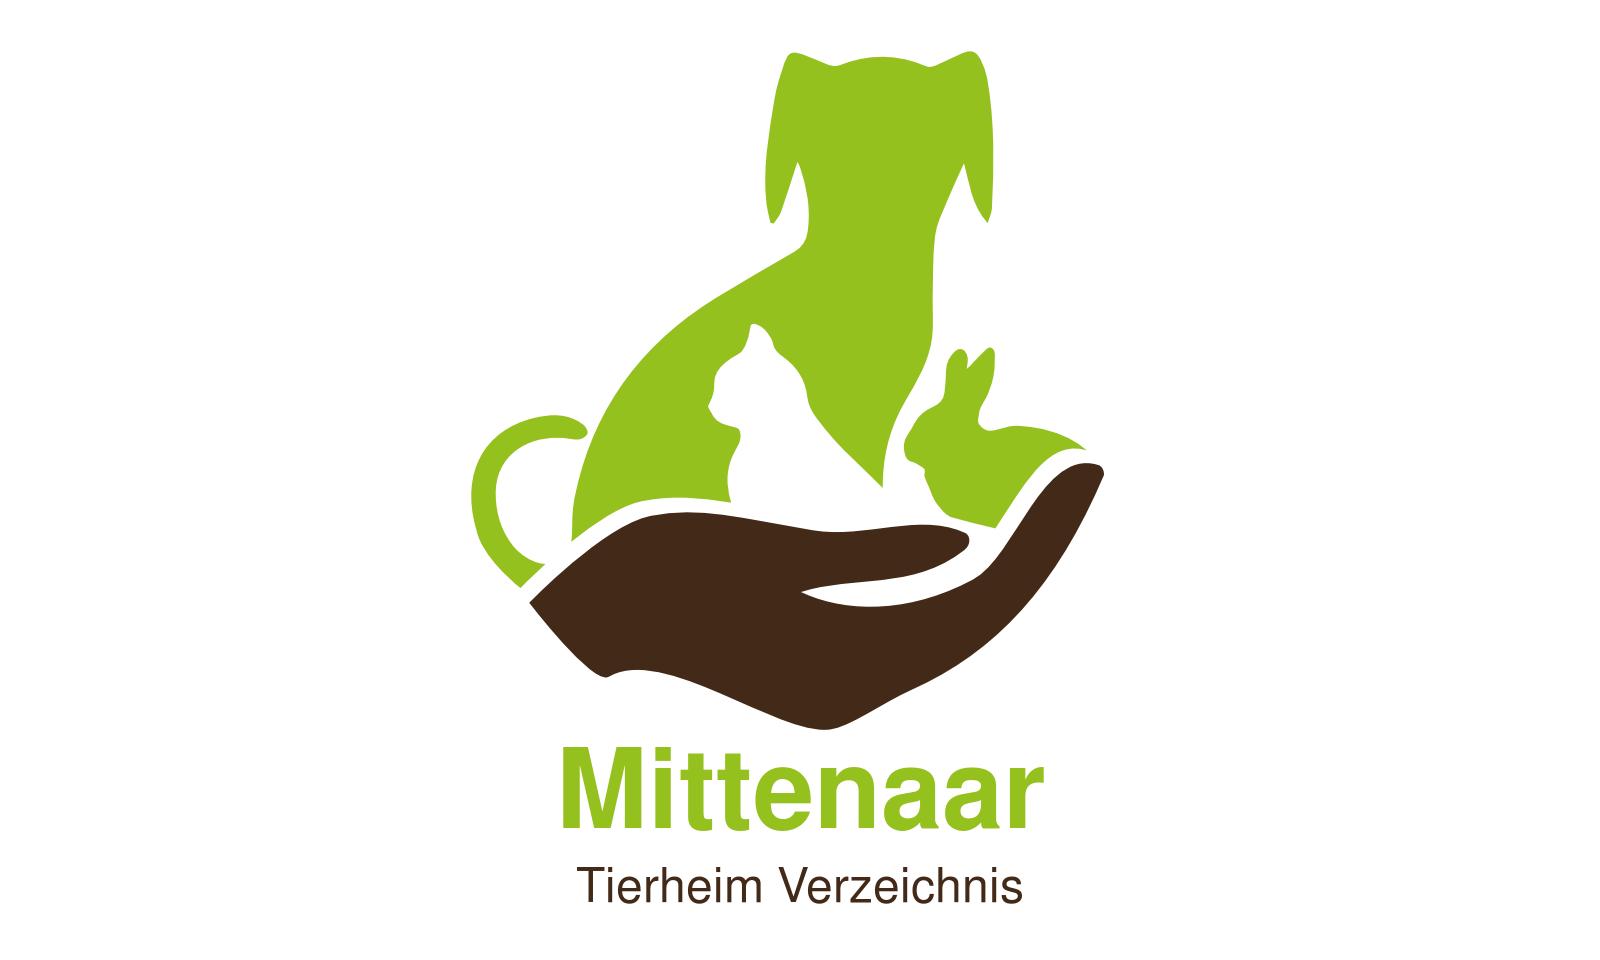 Tierheim Mittenaar